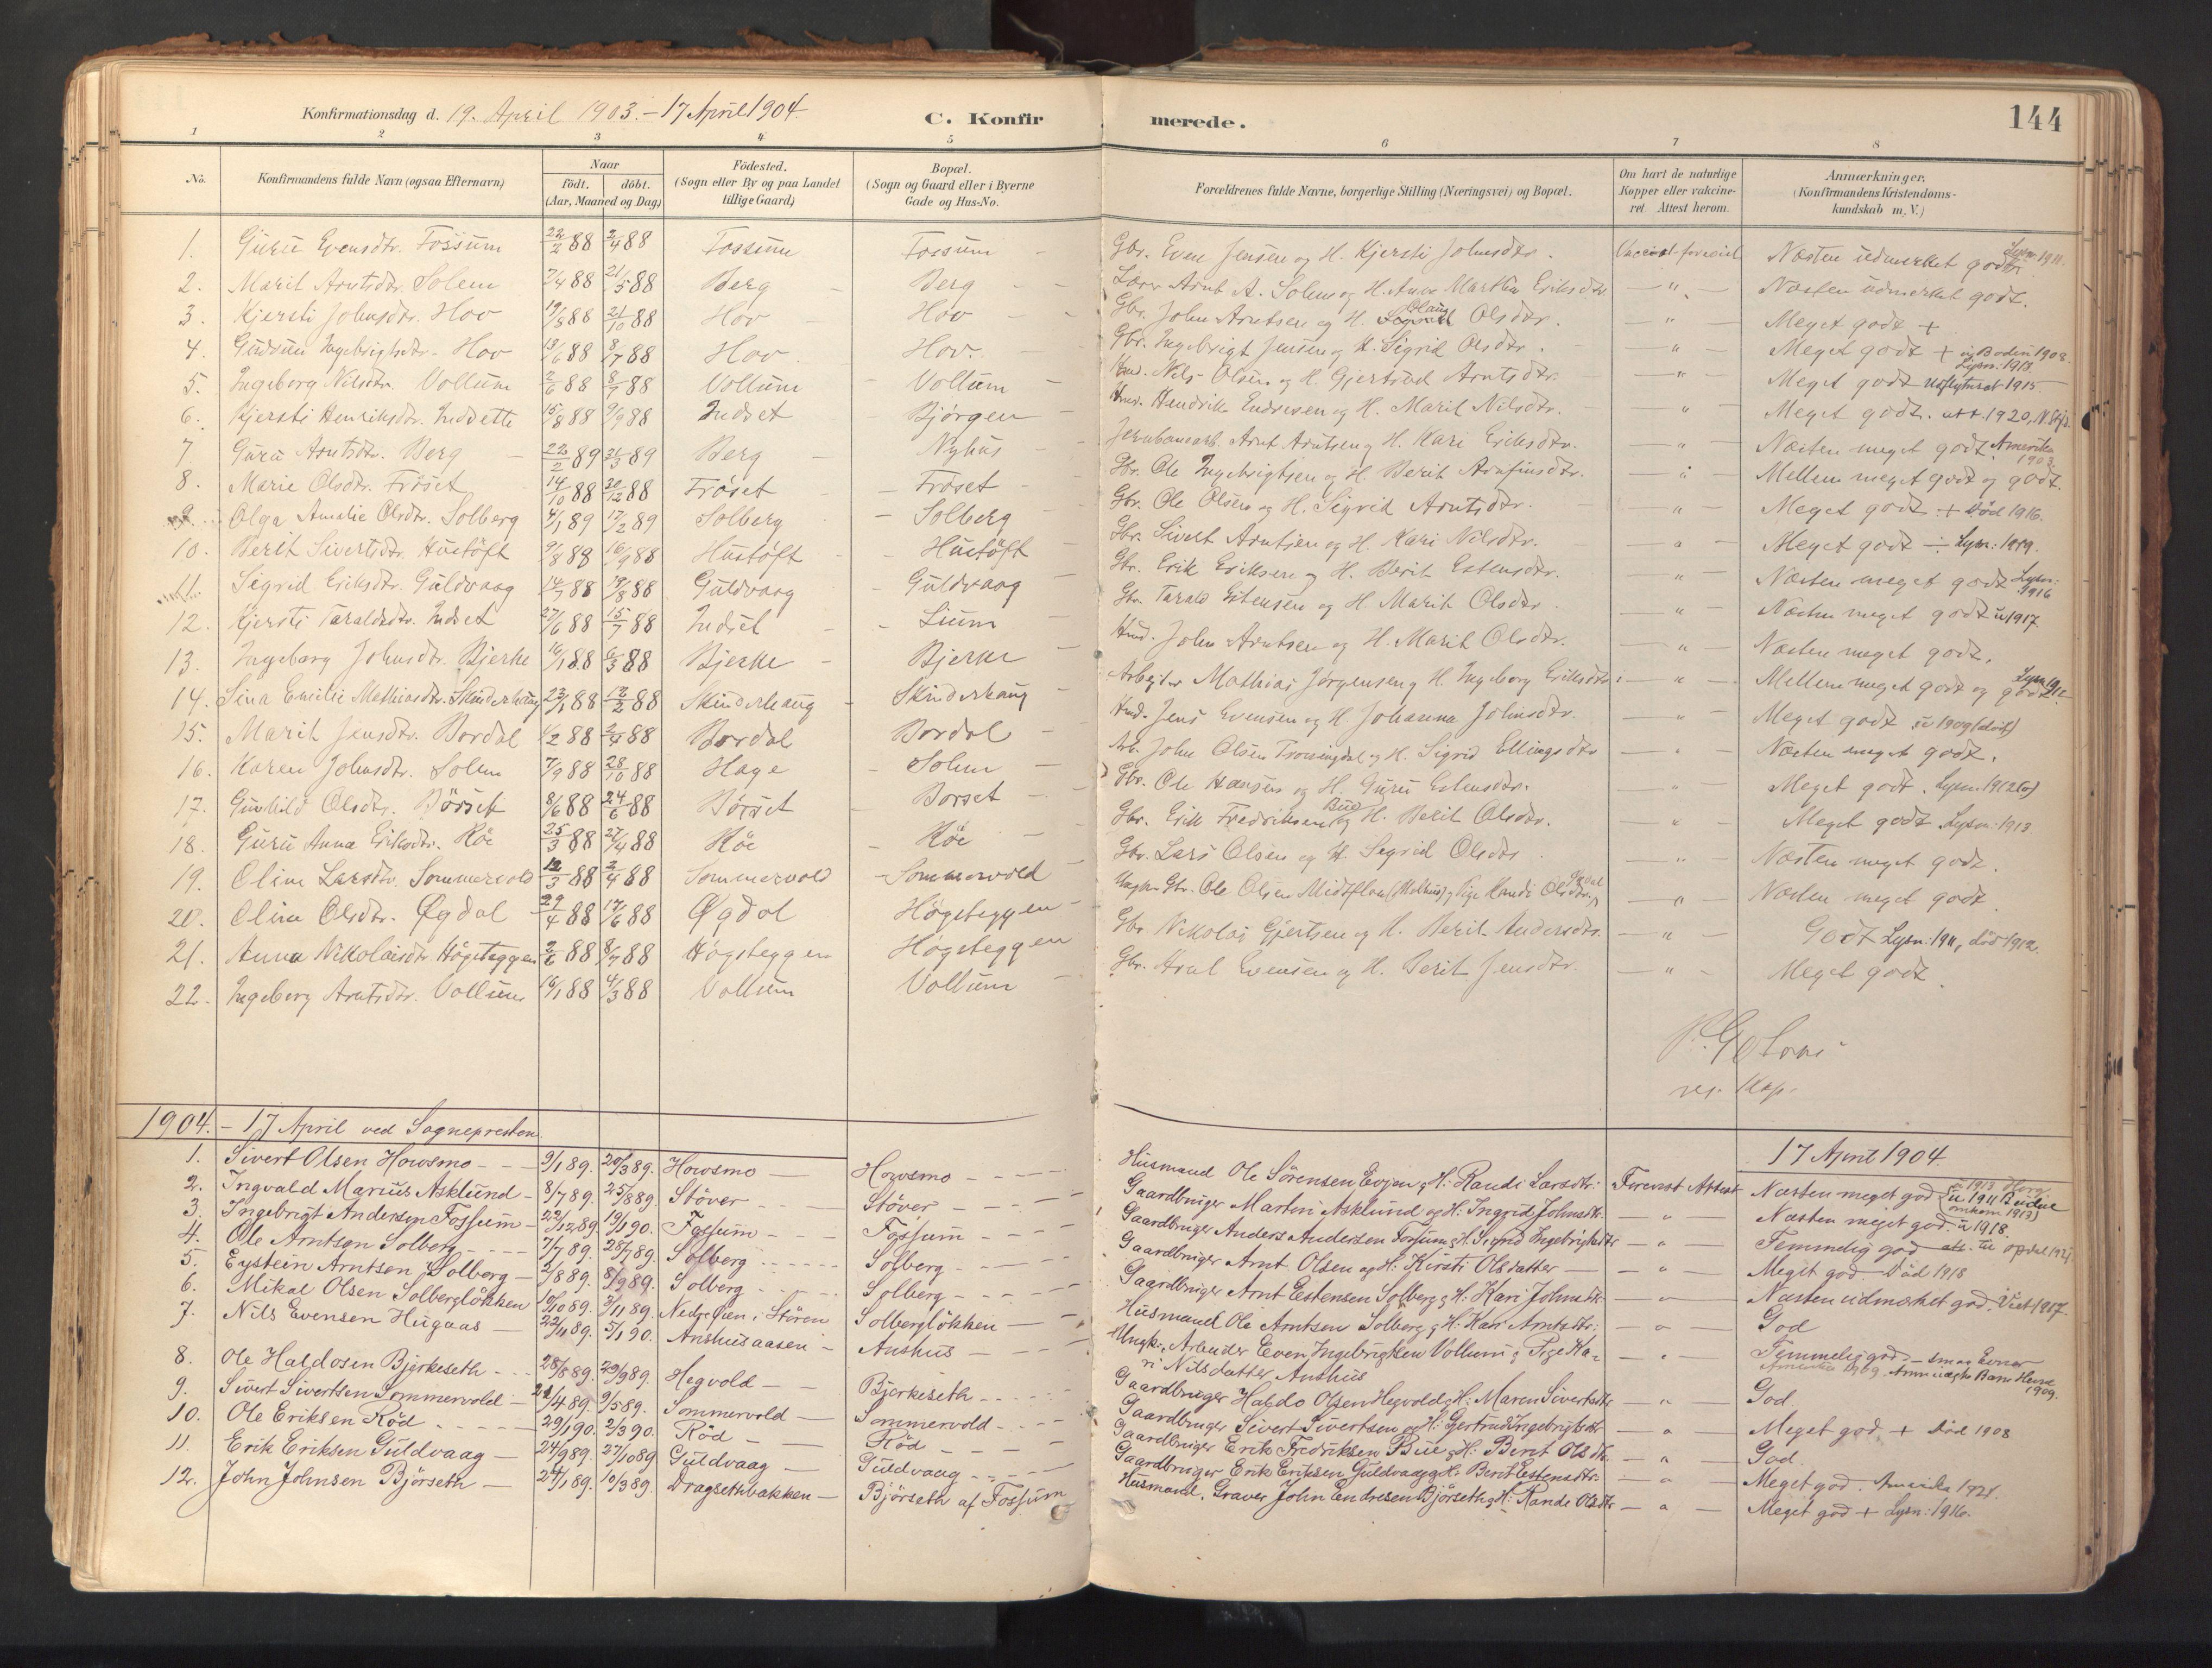 SAT, Ministerialprotokoller, klokkerbøker og fødselsregistre - Sør-Trøndelag, 689/L1041: Ministerialbok nr. 689A06, 1891-1923, s. 144